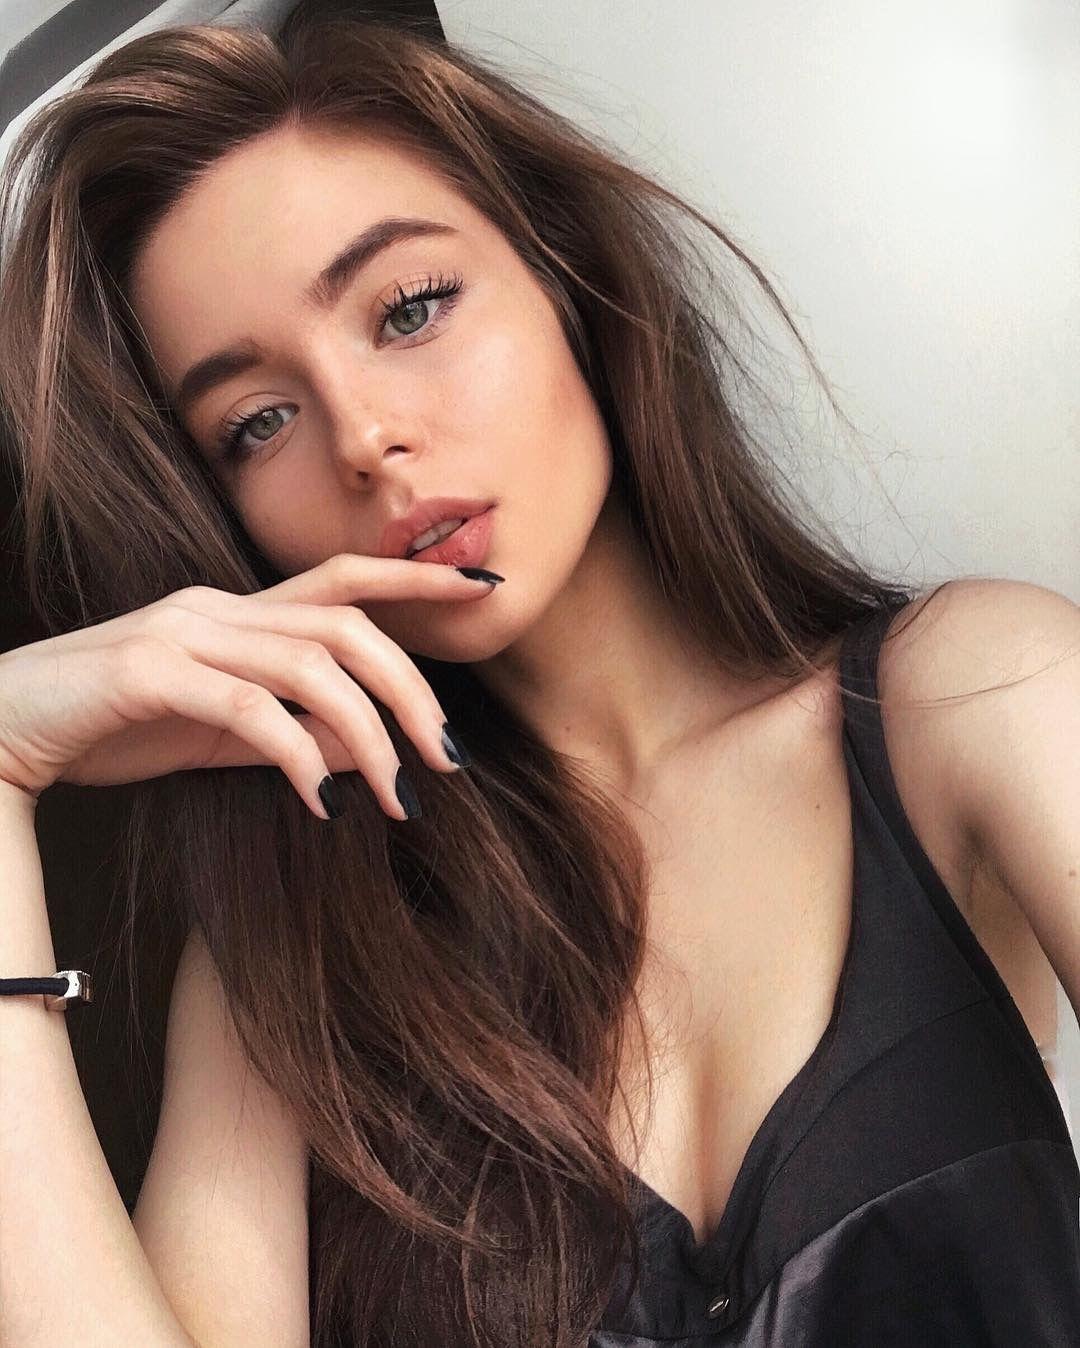 Playboy girl gets fucked